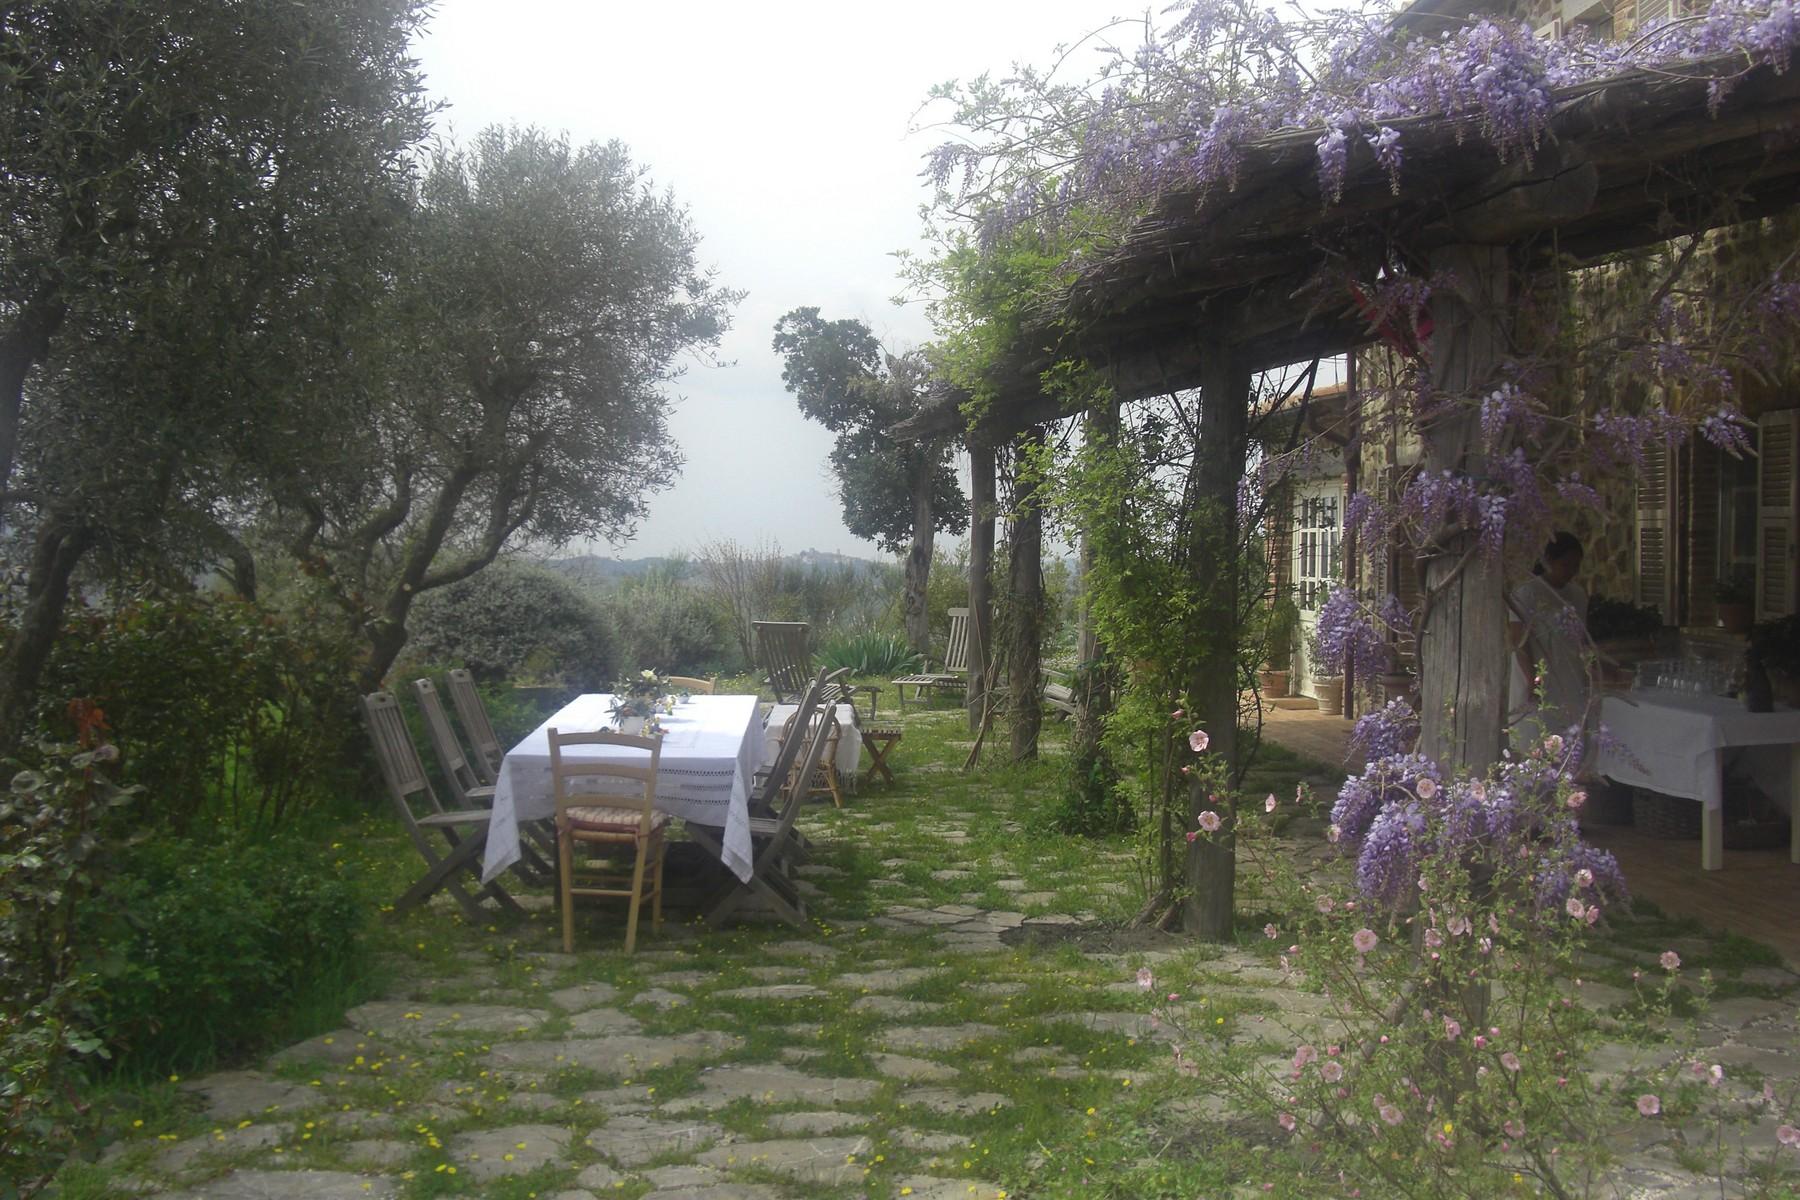 Rustico in Vendita a Manciano: 5 locali, 180 mq - Foto 15